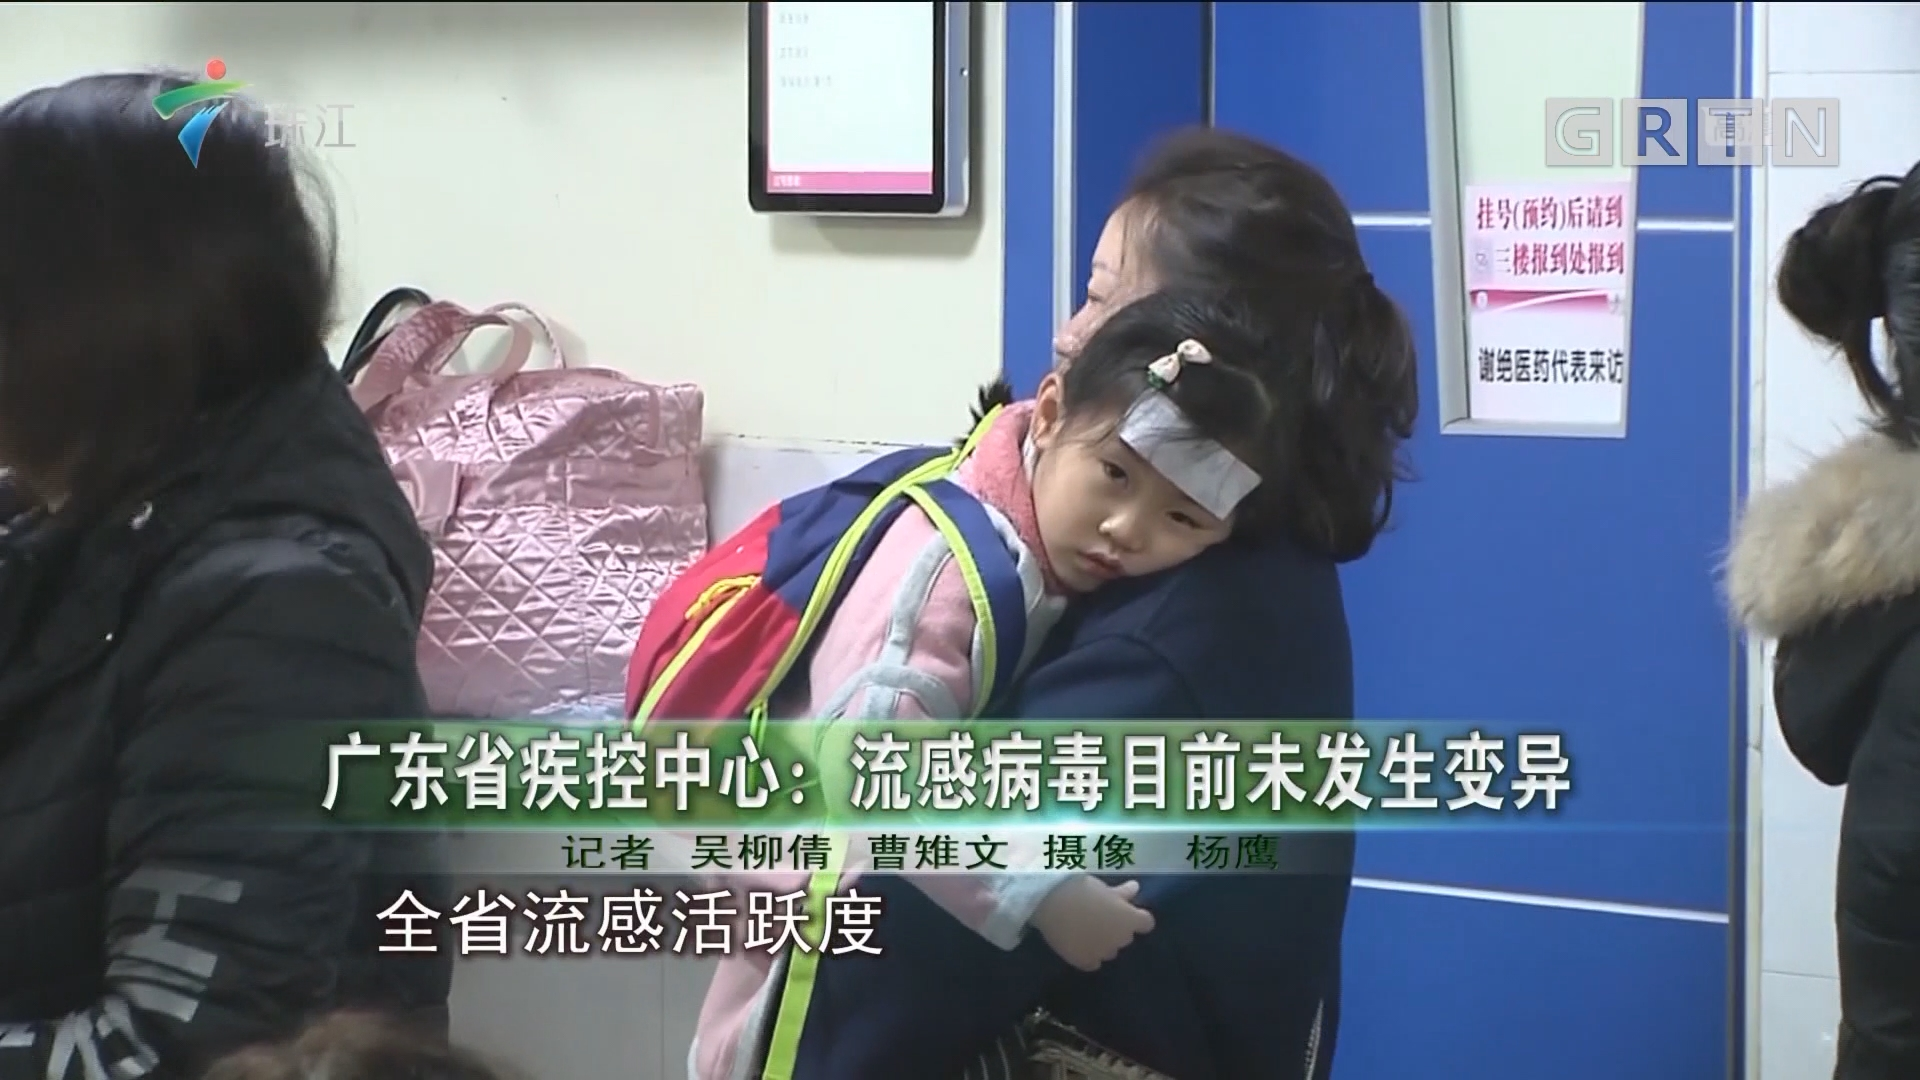 广东省疾控中心:流感病毒目前未发生变异